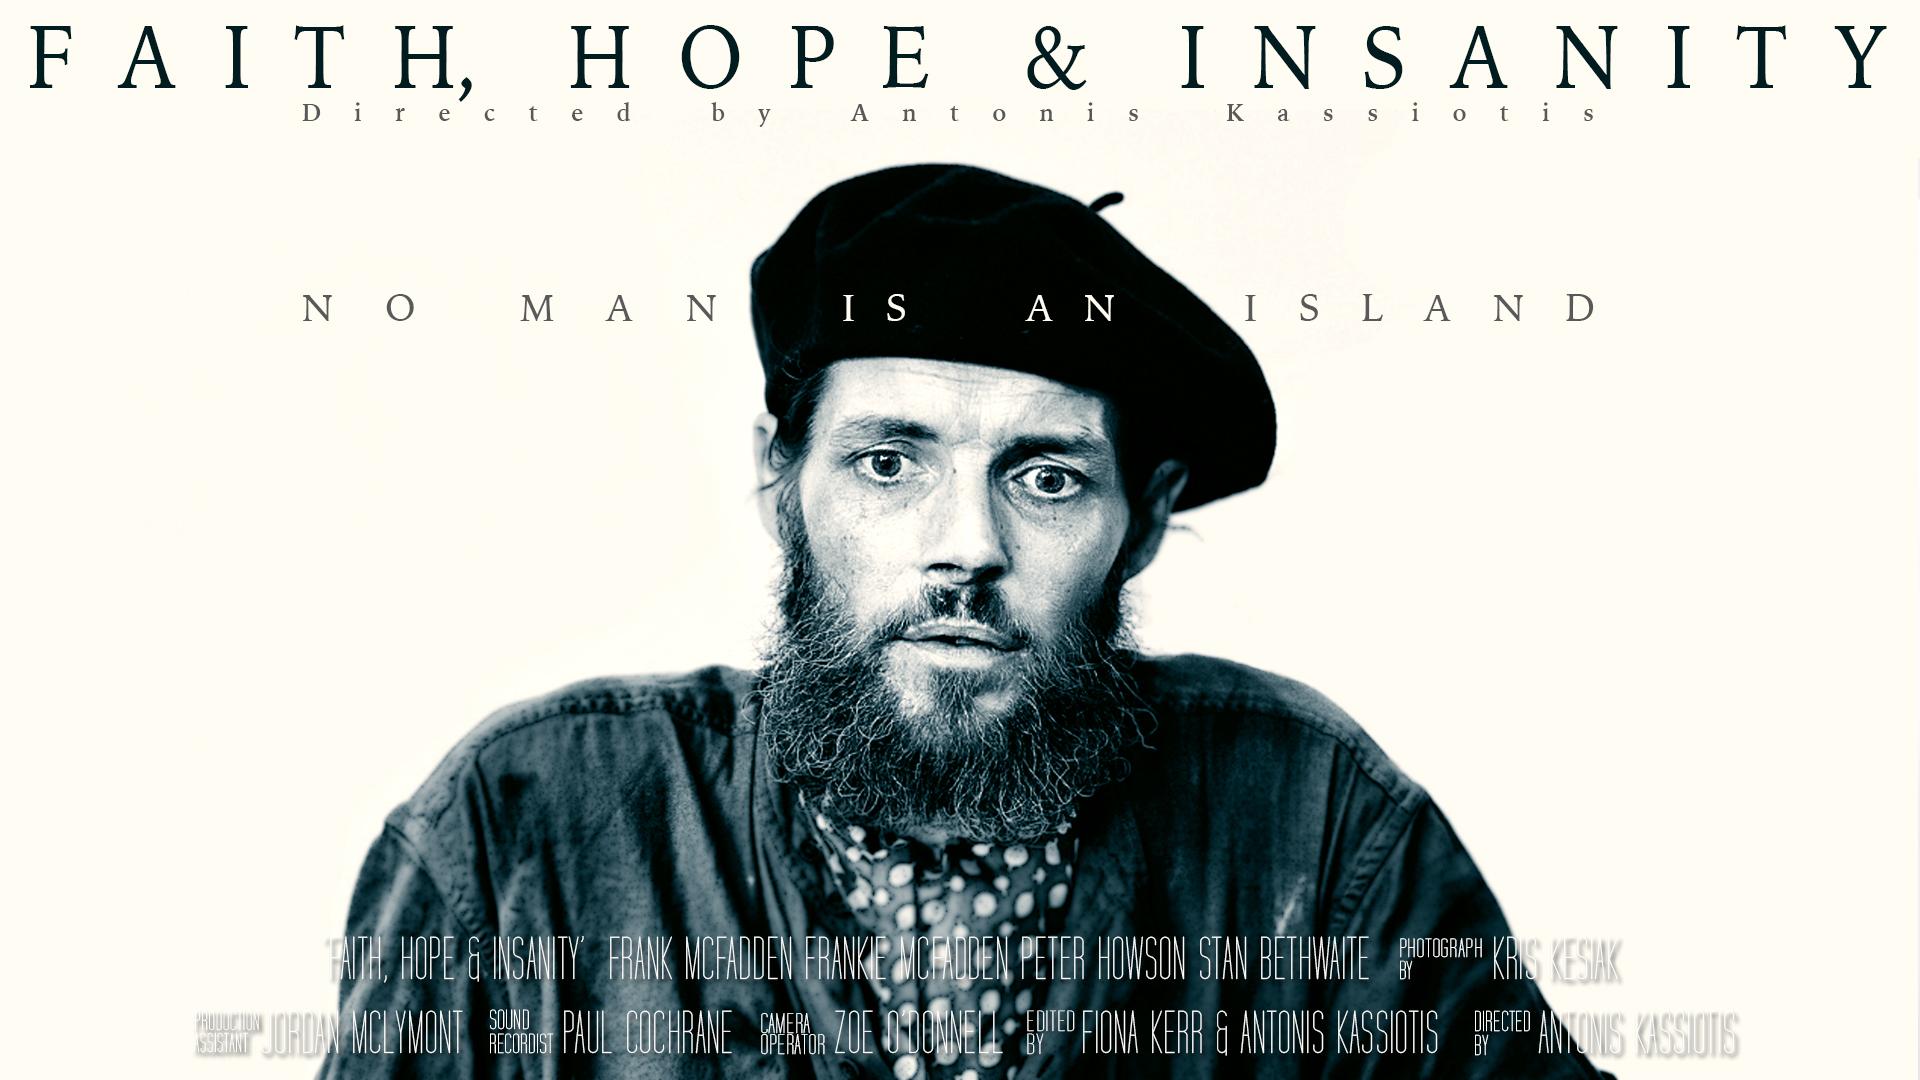 Frank McFadden - Faith, Hope & Insanity